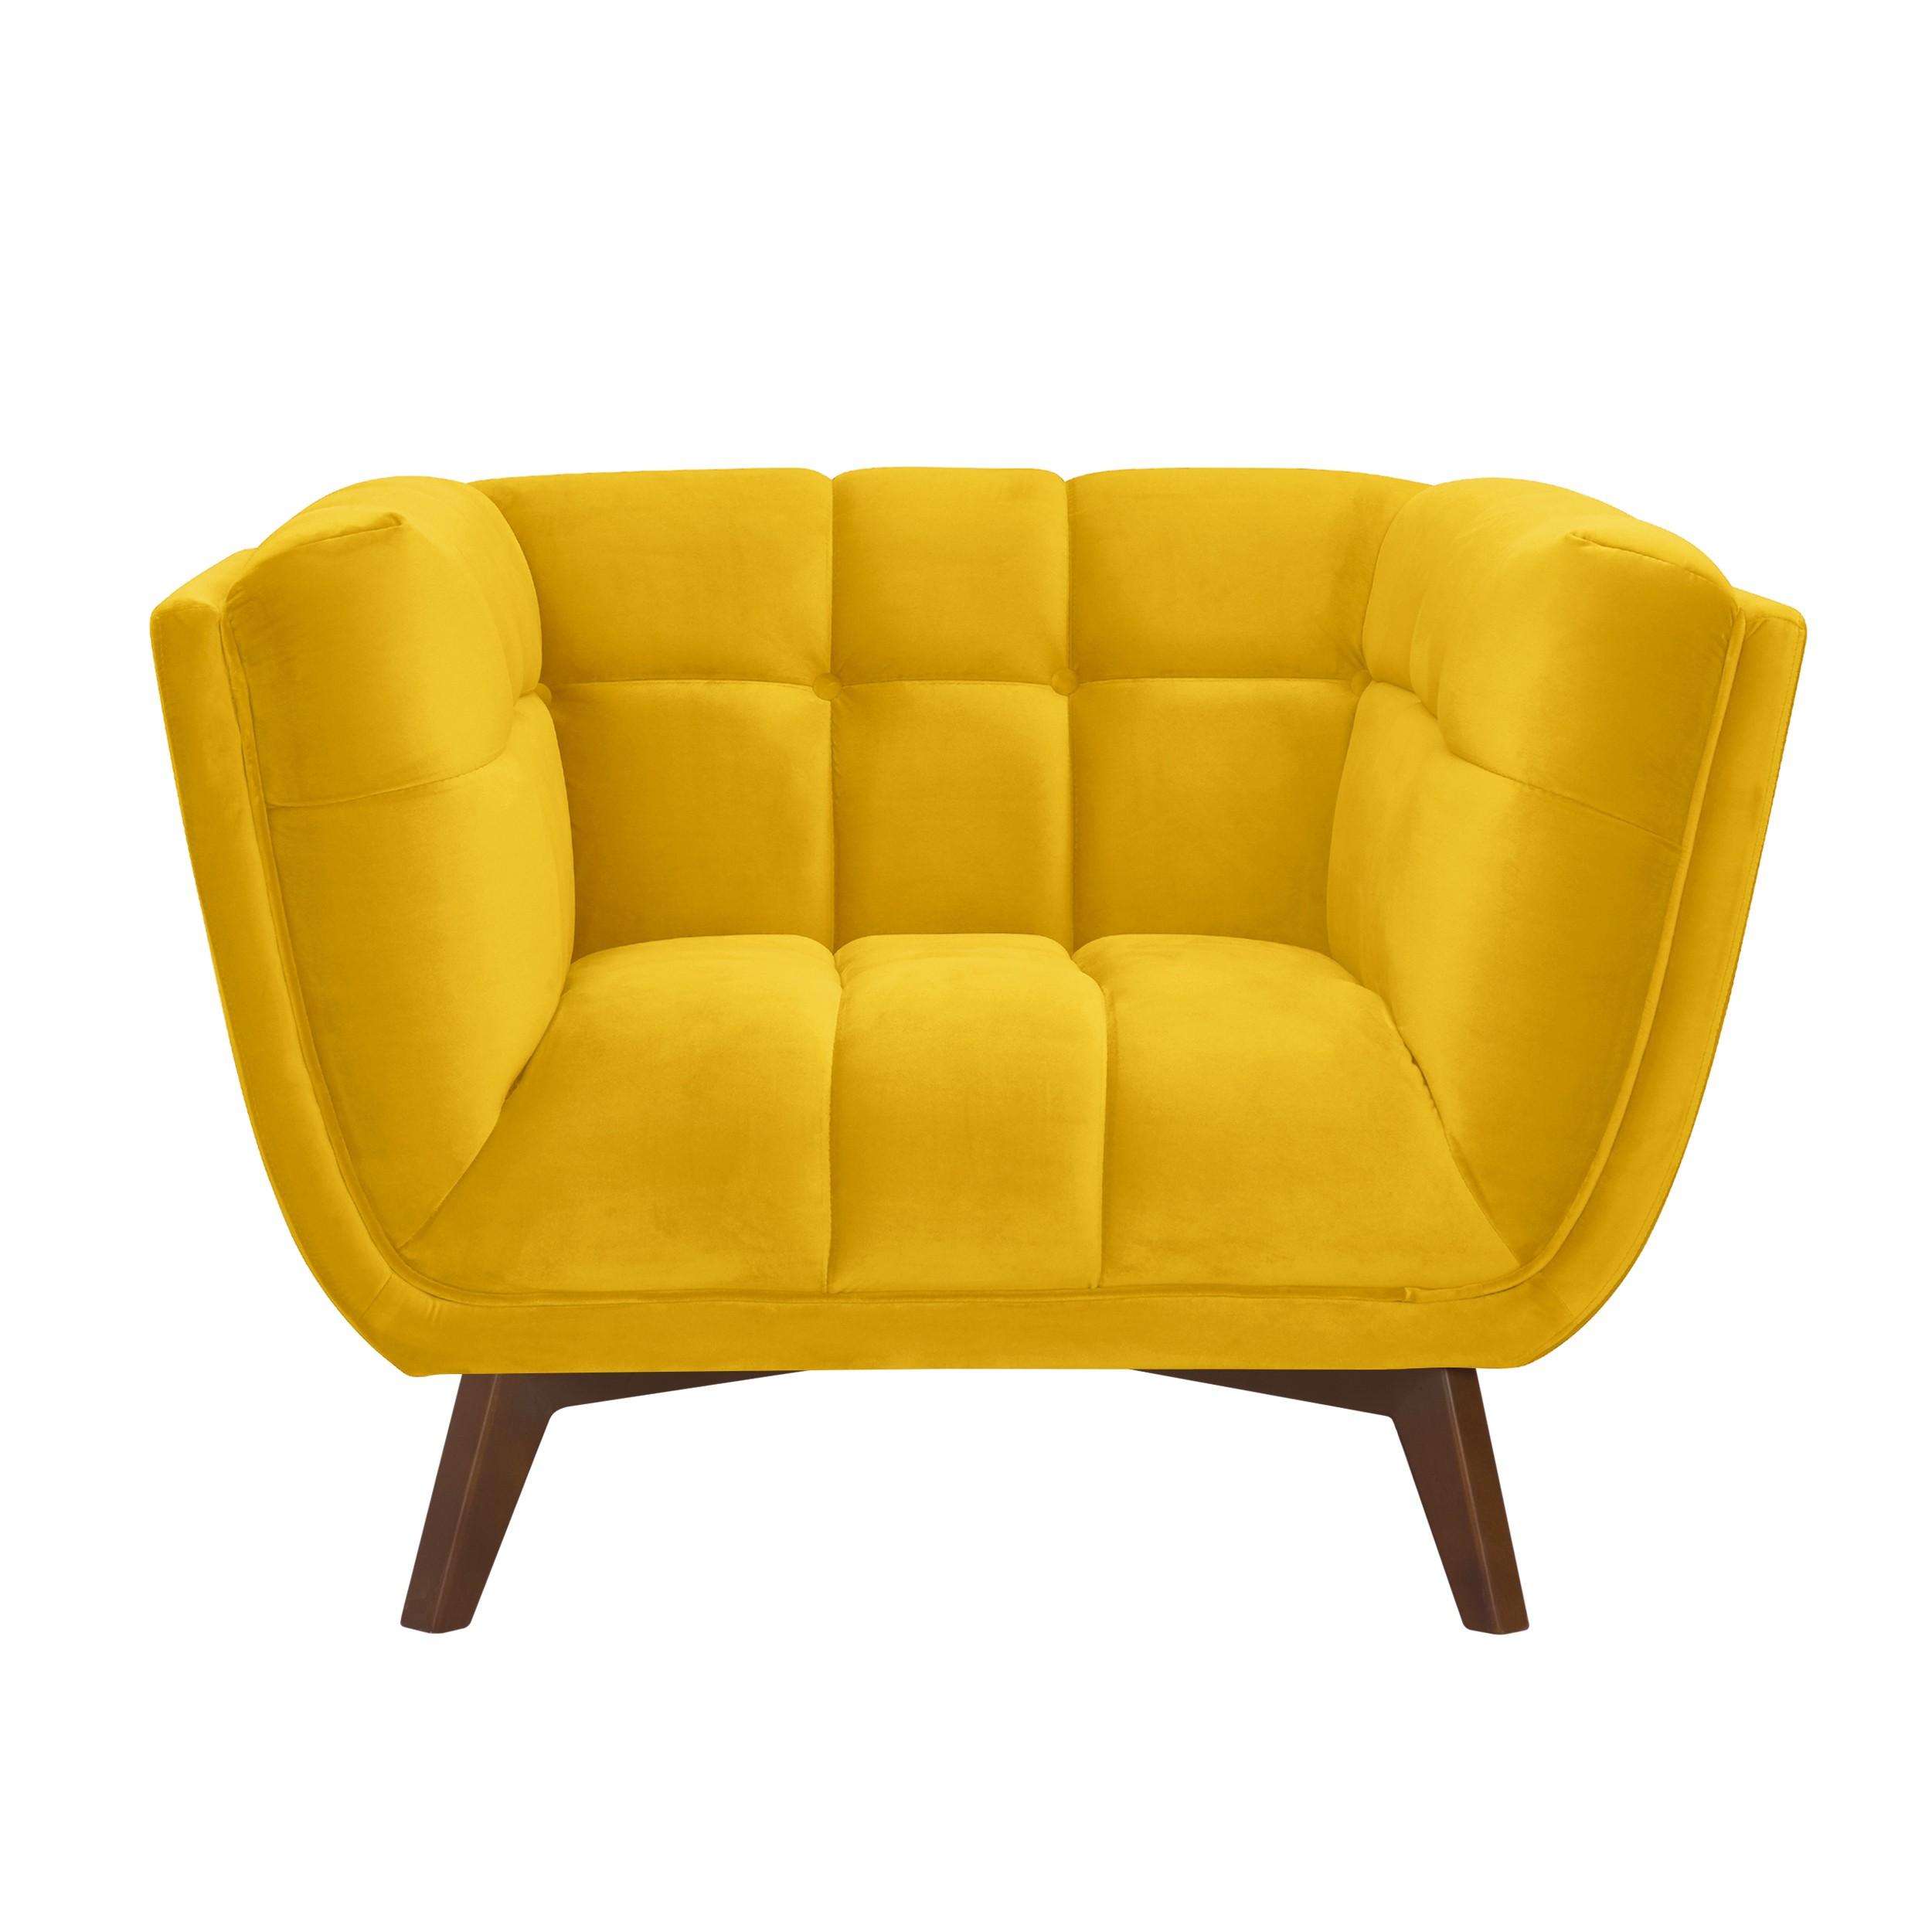 acheter fauteuil velours jaune pieds bois fonces